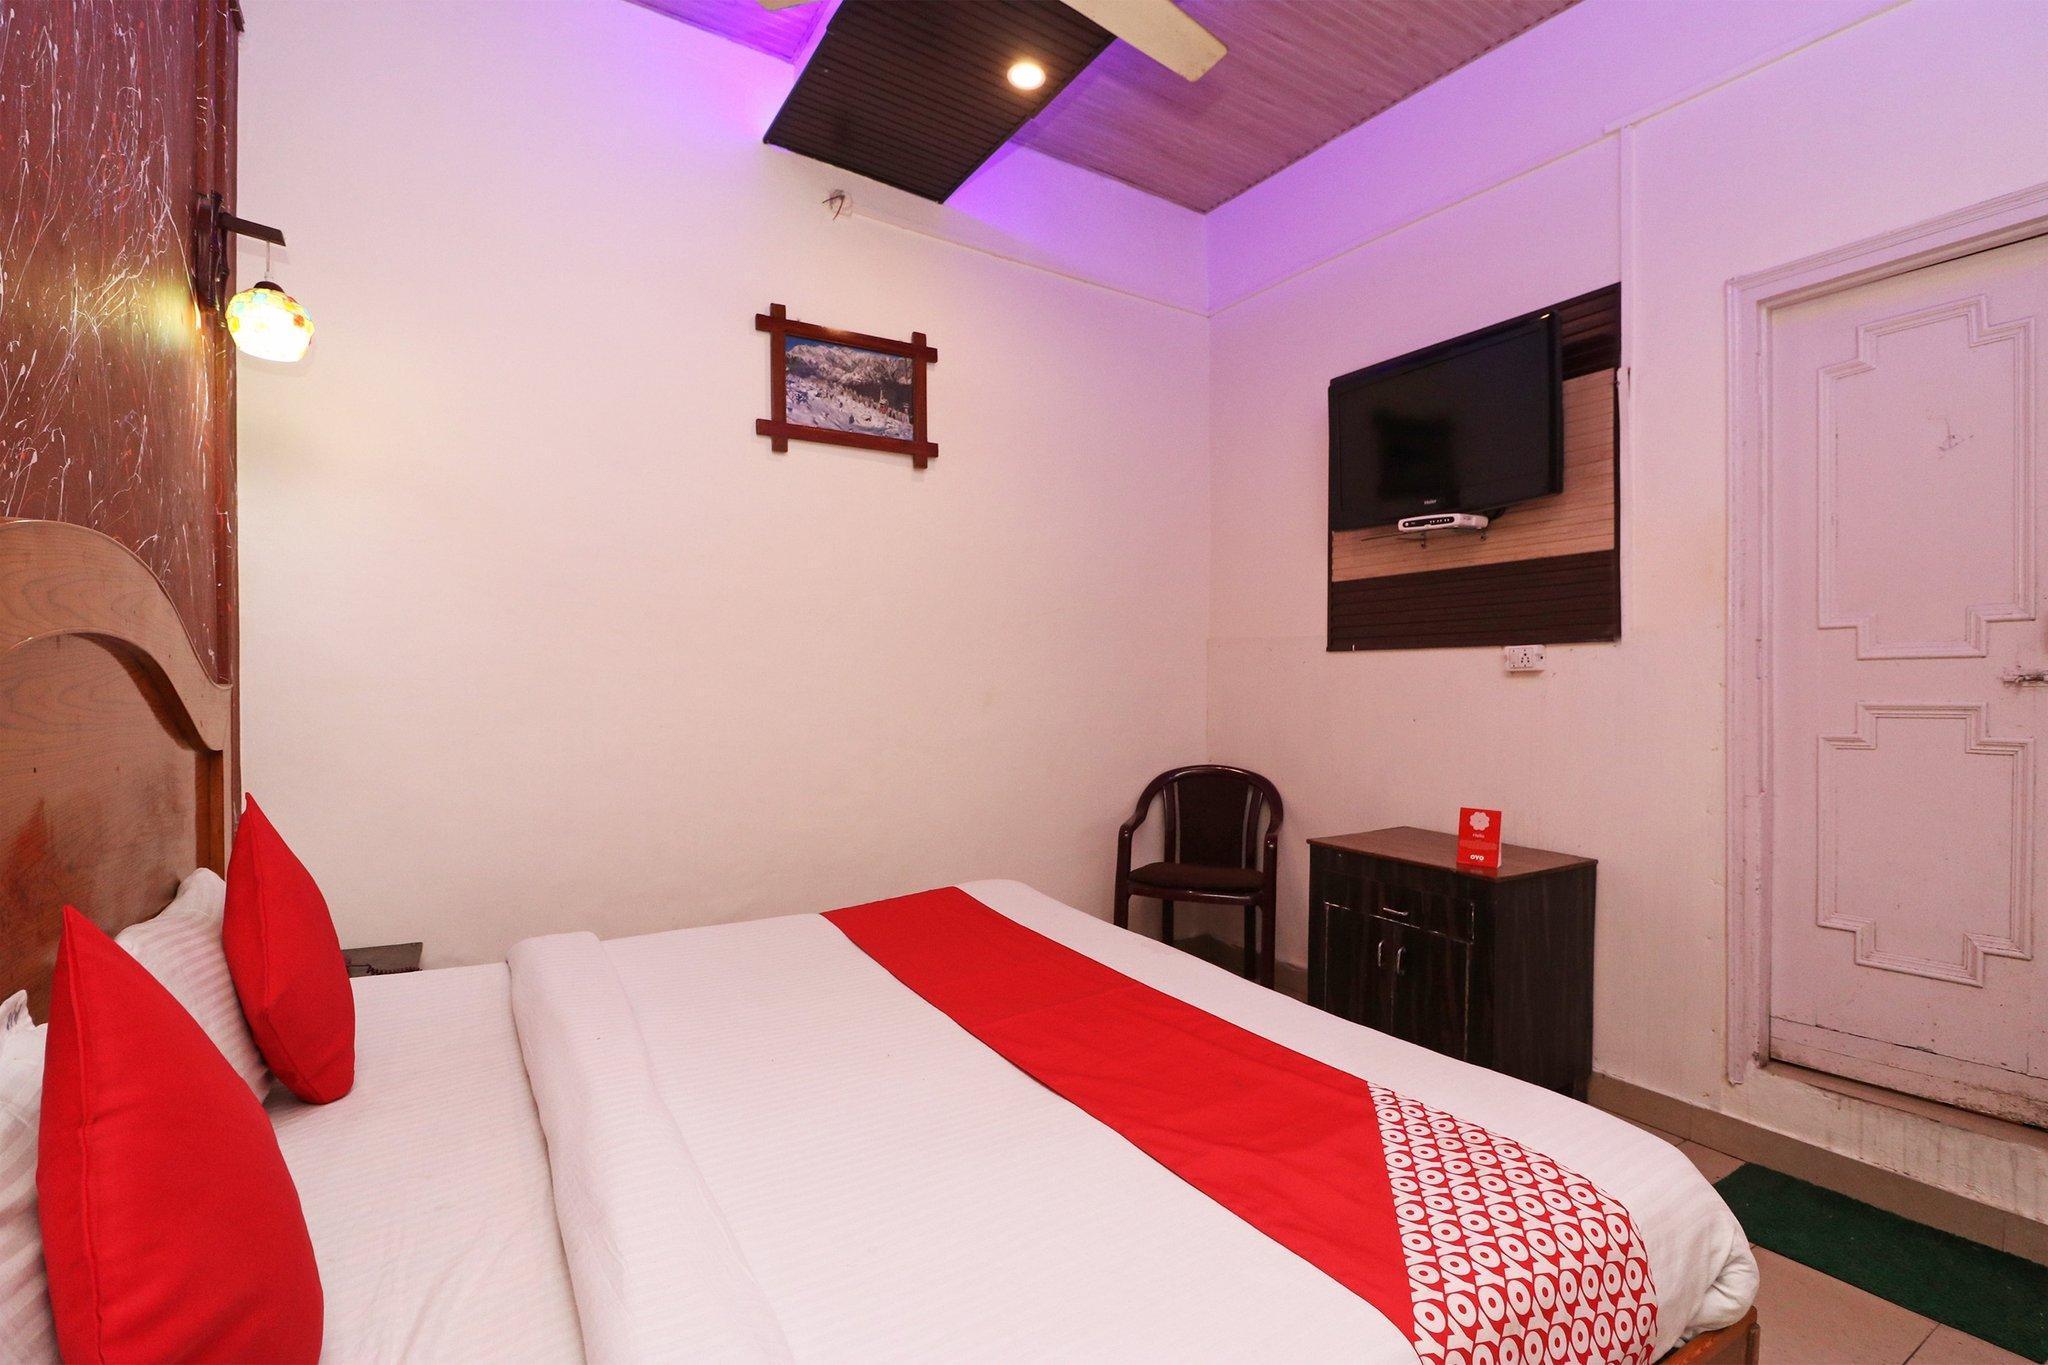 OYO 46984 Green Park, Thiruvananthapuram